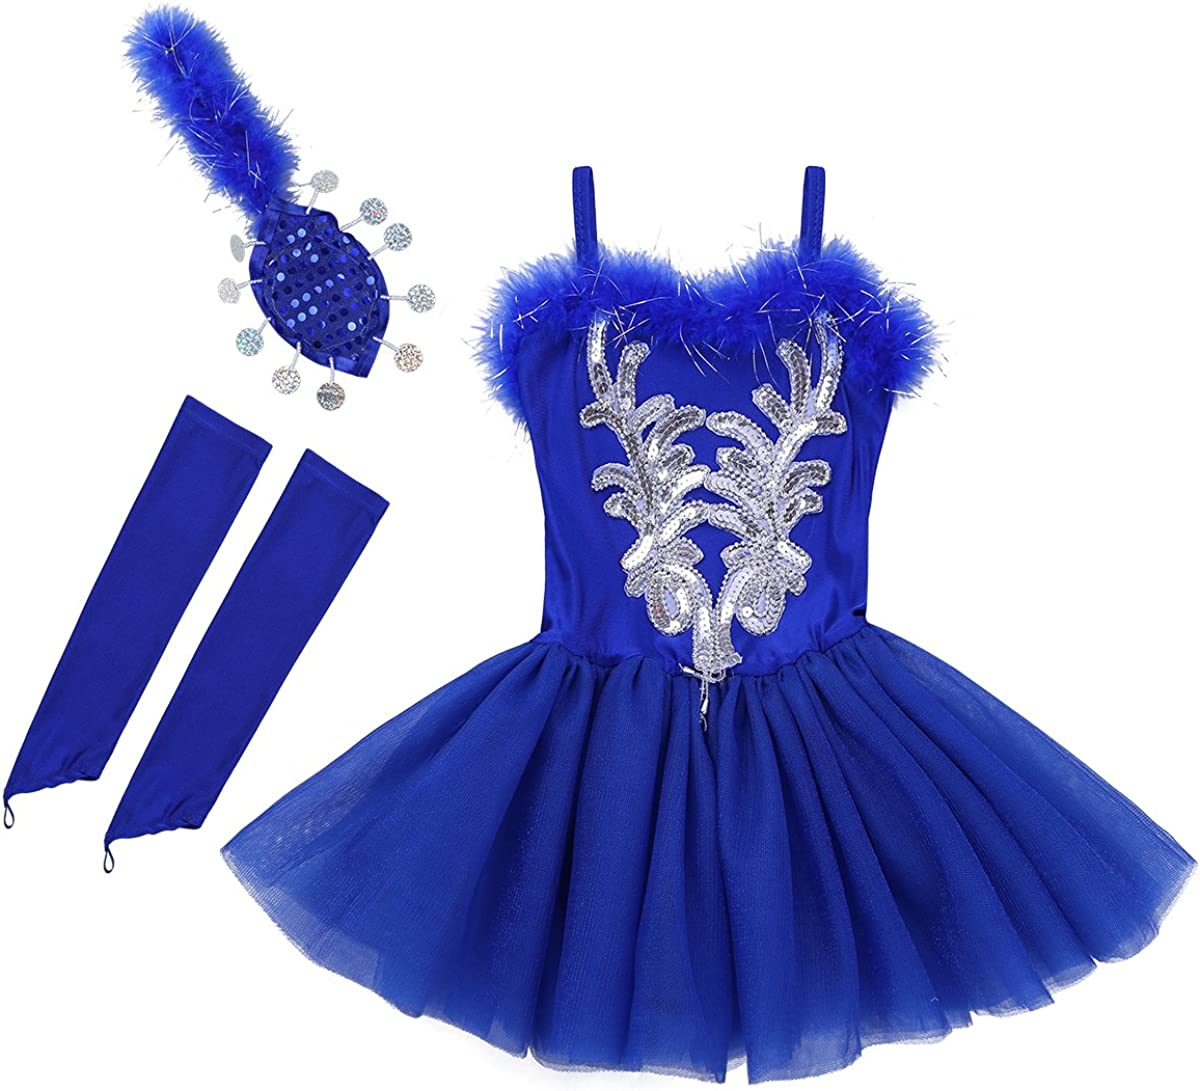 Freebily Vestito Tutu Bambina Ballerina Costume Carnevale Principessa Abito Danza Classica con Piume Vestito Pattinaggio Artistico Lago dei Cigni Halloween